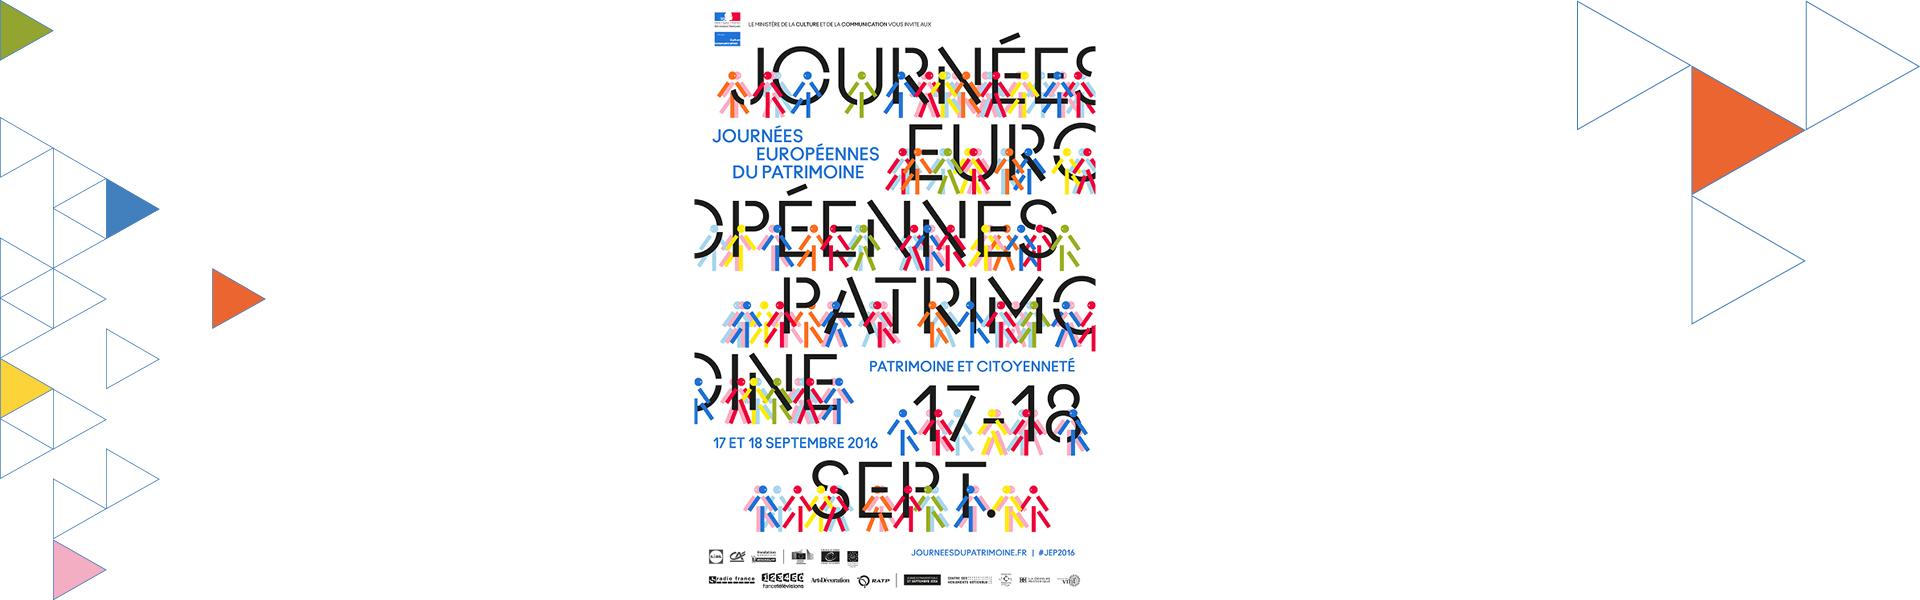 Le 17 septembre, le CAUE 64 vous invite aux Journées Européennes du Patrimoine